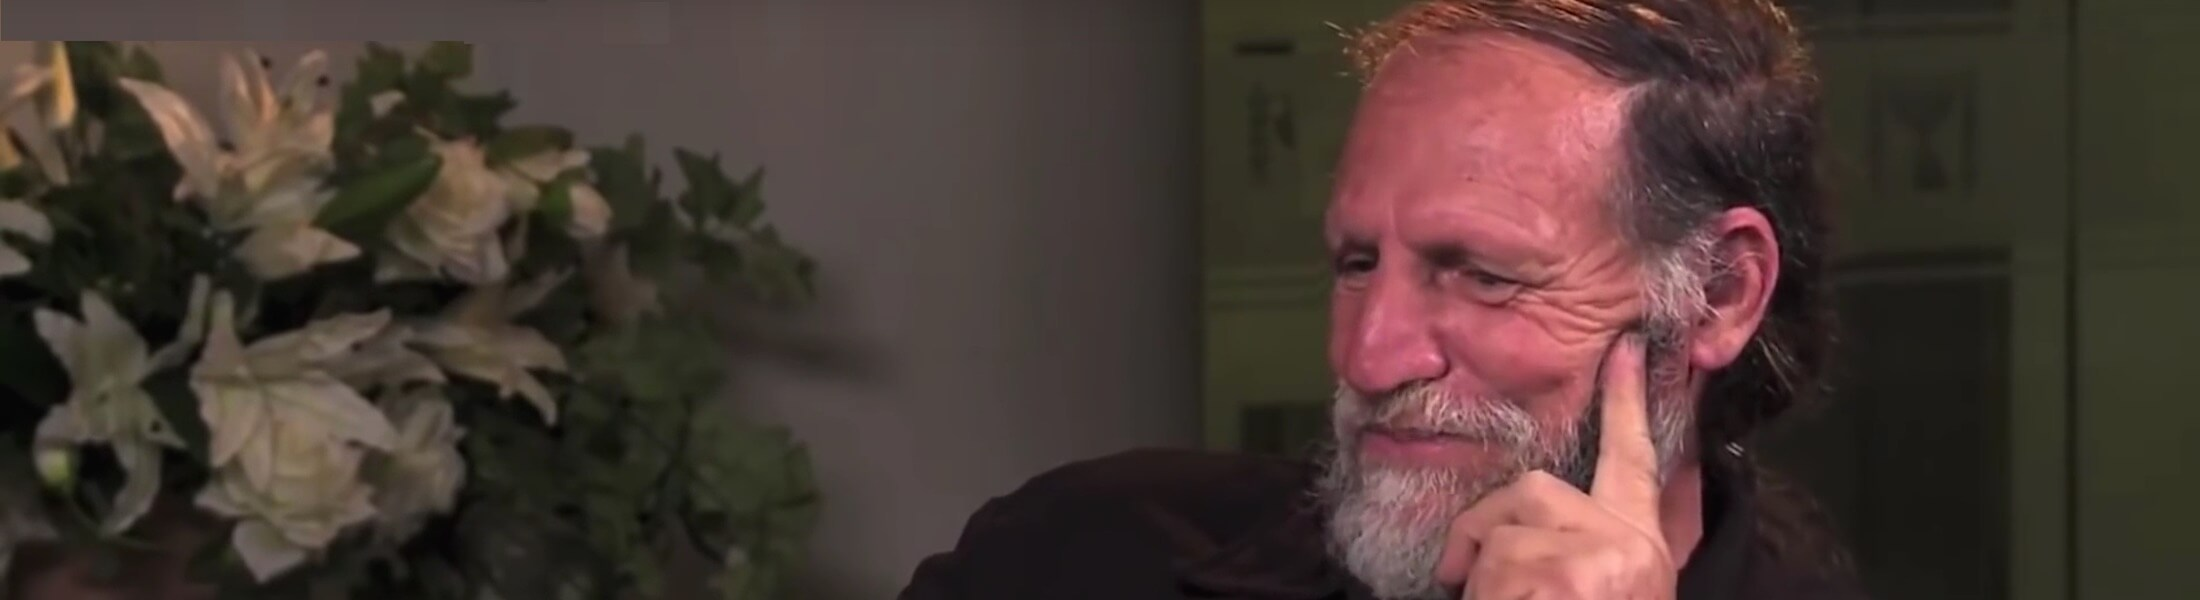 David Belhassen speaking of yeshua